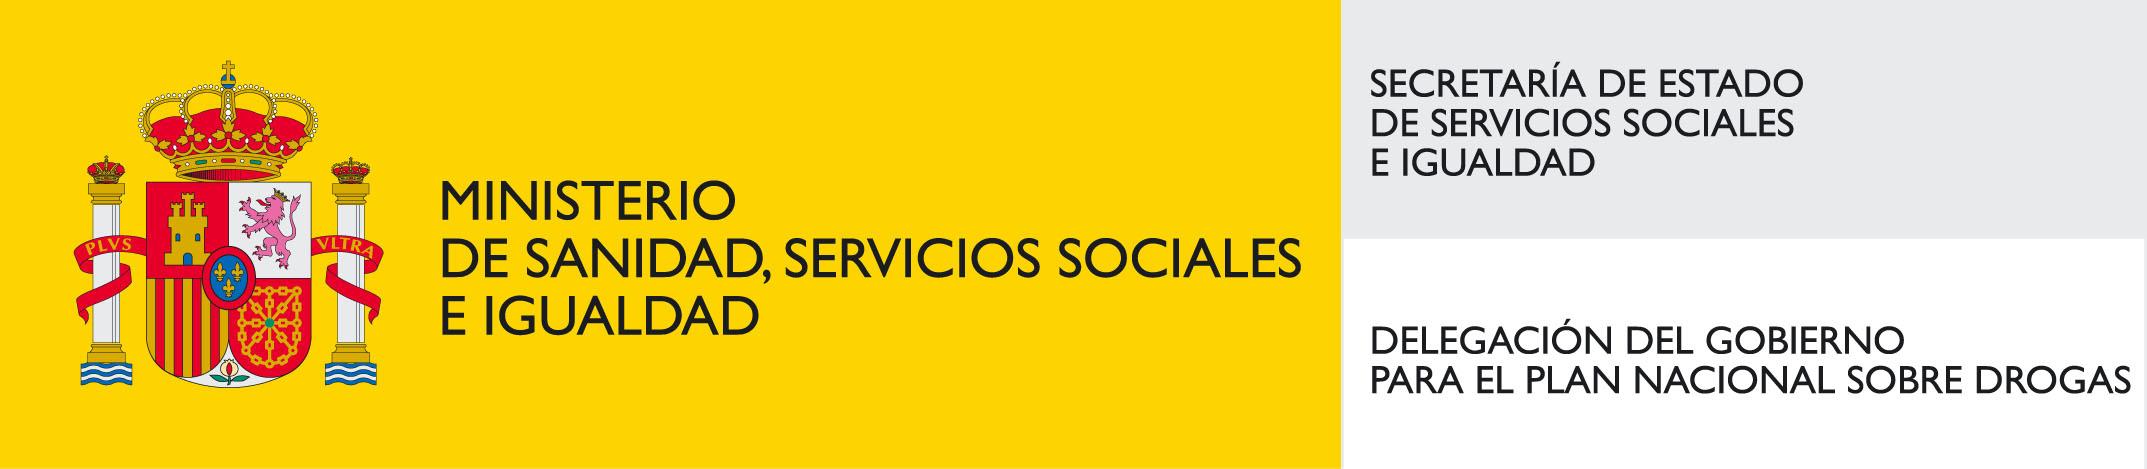 LOGO-SOLO-CON-ESCUDO-SIN-GOBIERNO-DE-ESPAÑA.-MSSSI_PNSD.jpg